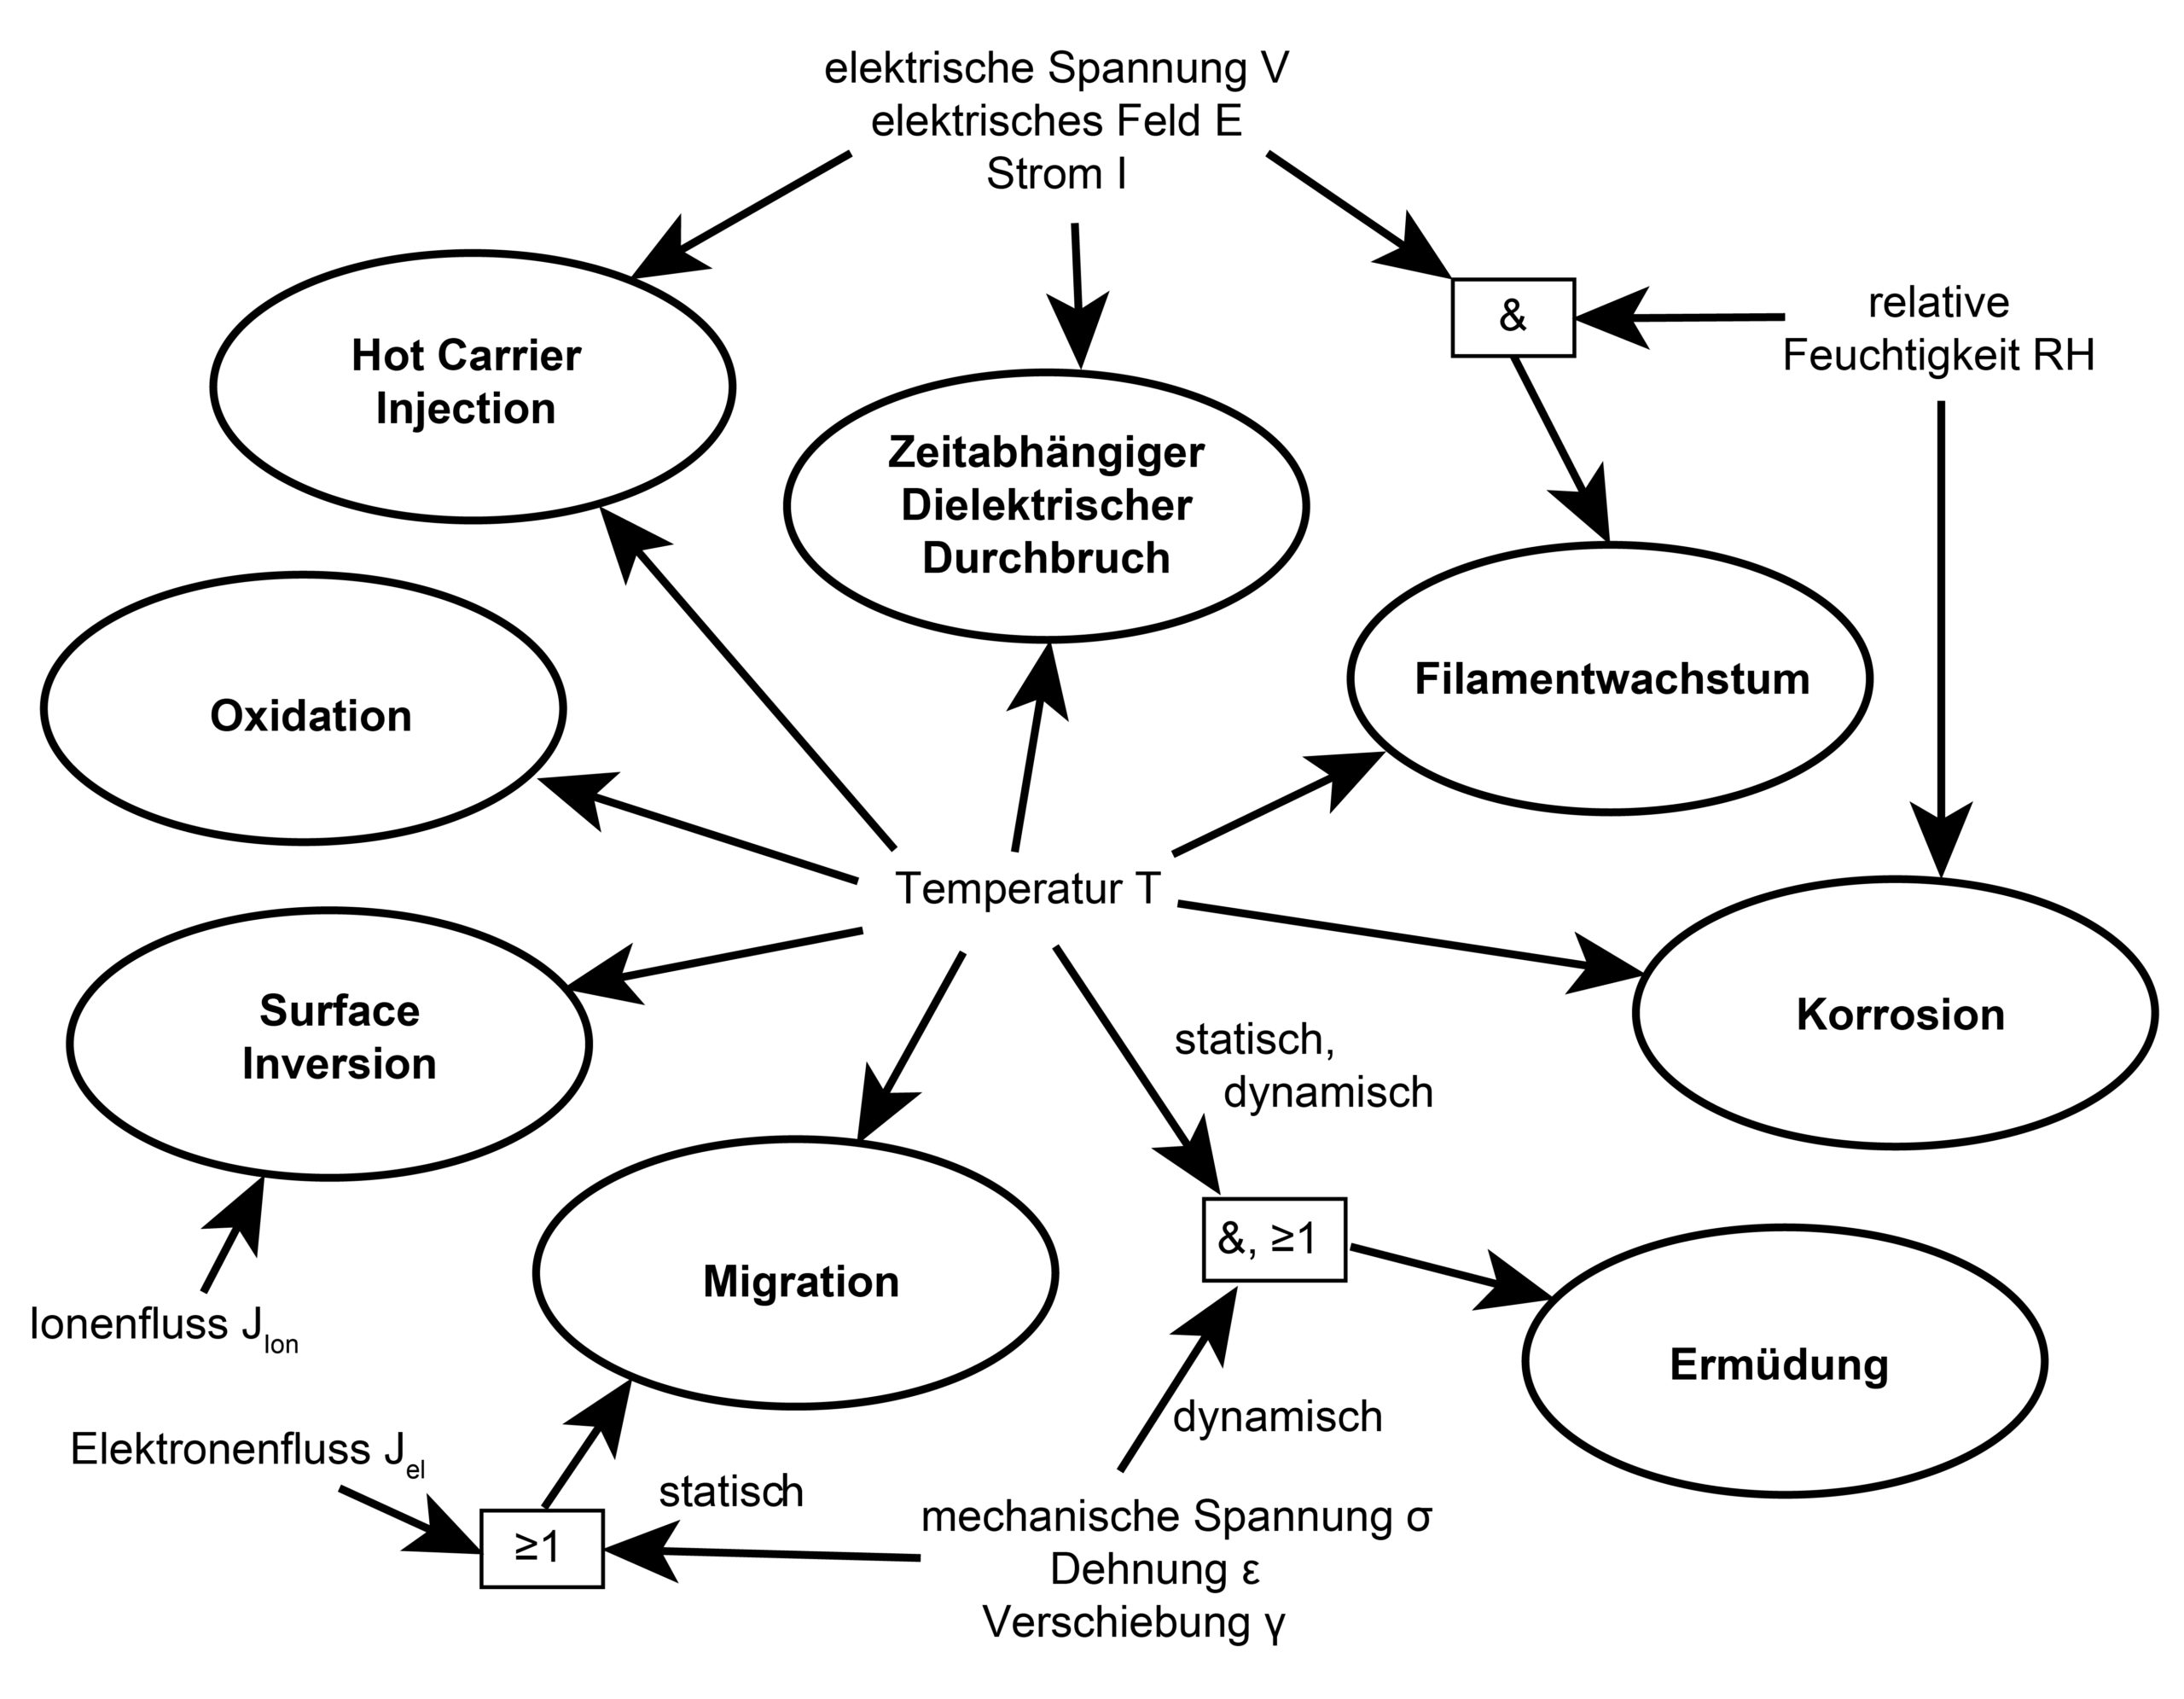 Bild 4 Bestimmung der auftretenden Schädigungsmechanismen. Bild: Verfasser